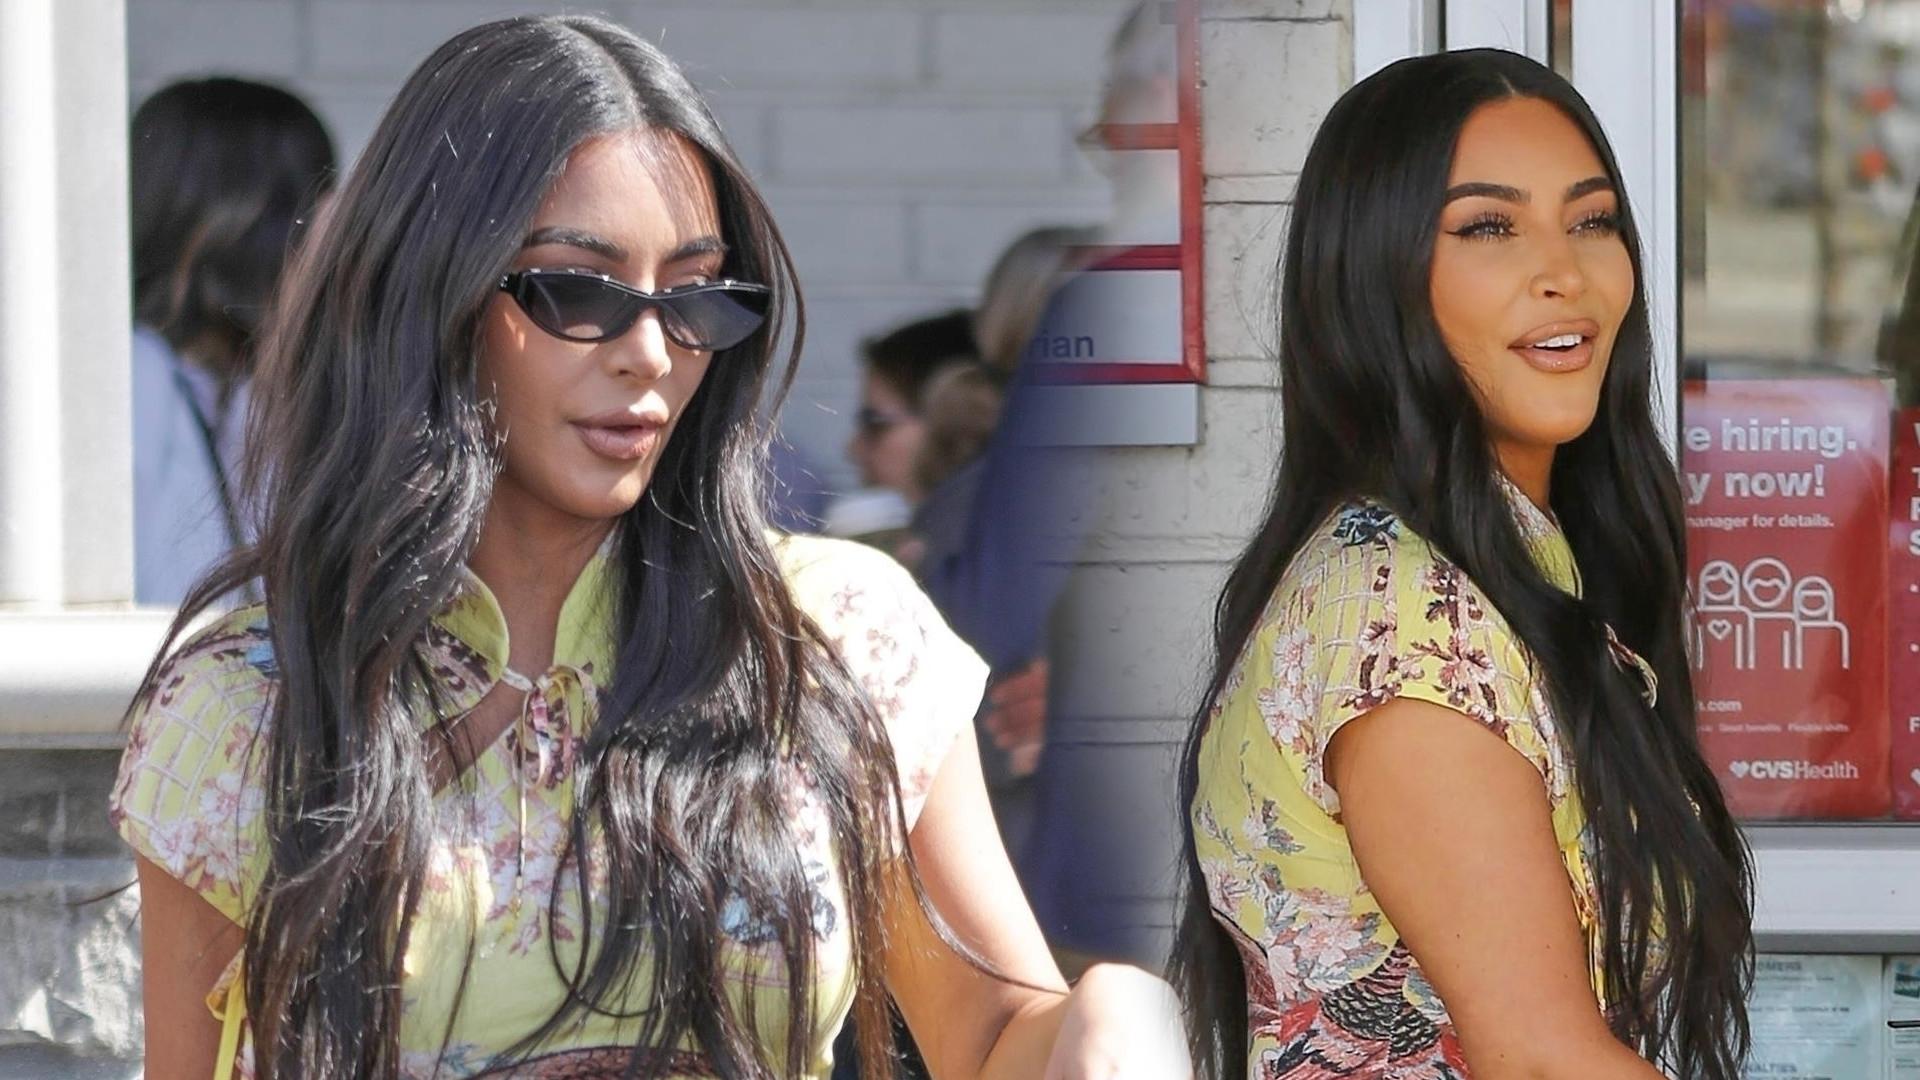 Kim Kardashian jest NIEMOŻLIWA. W TAKIM stroju robi zakupy spożywcze (ZDJĘCIA)